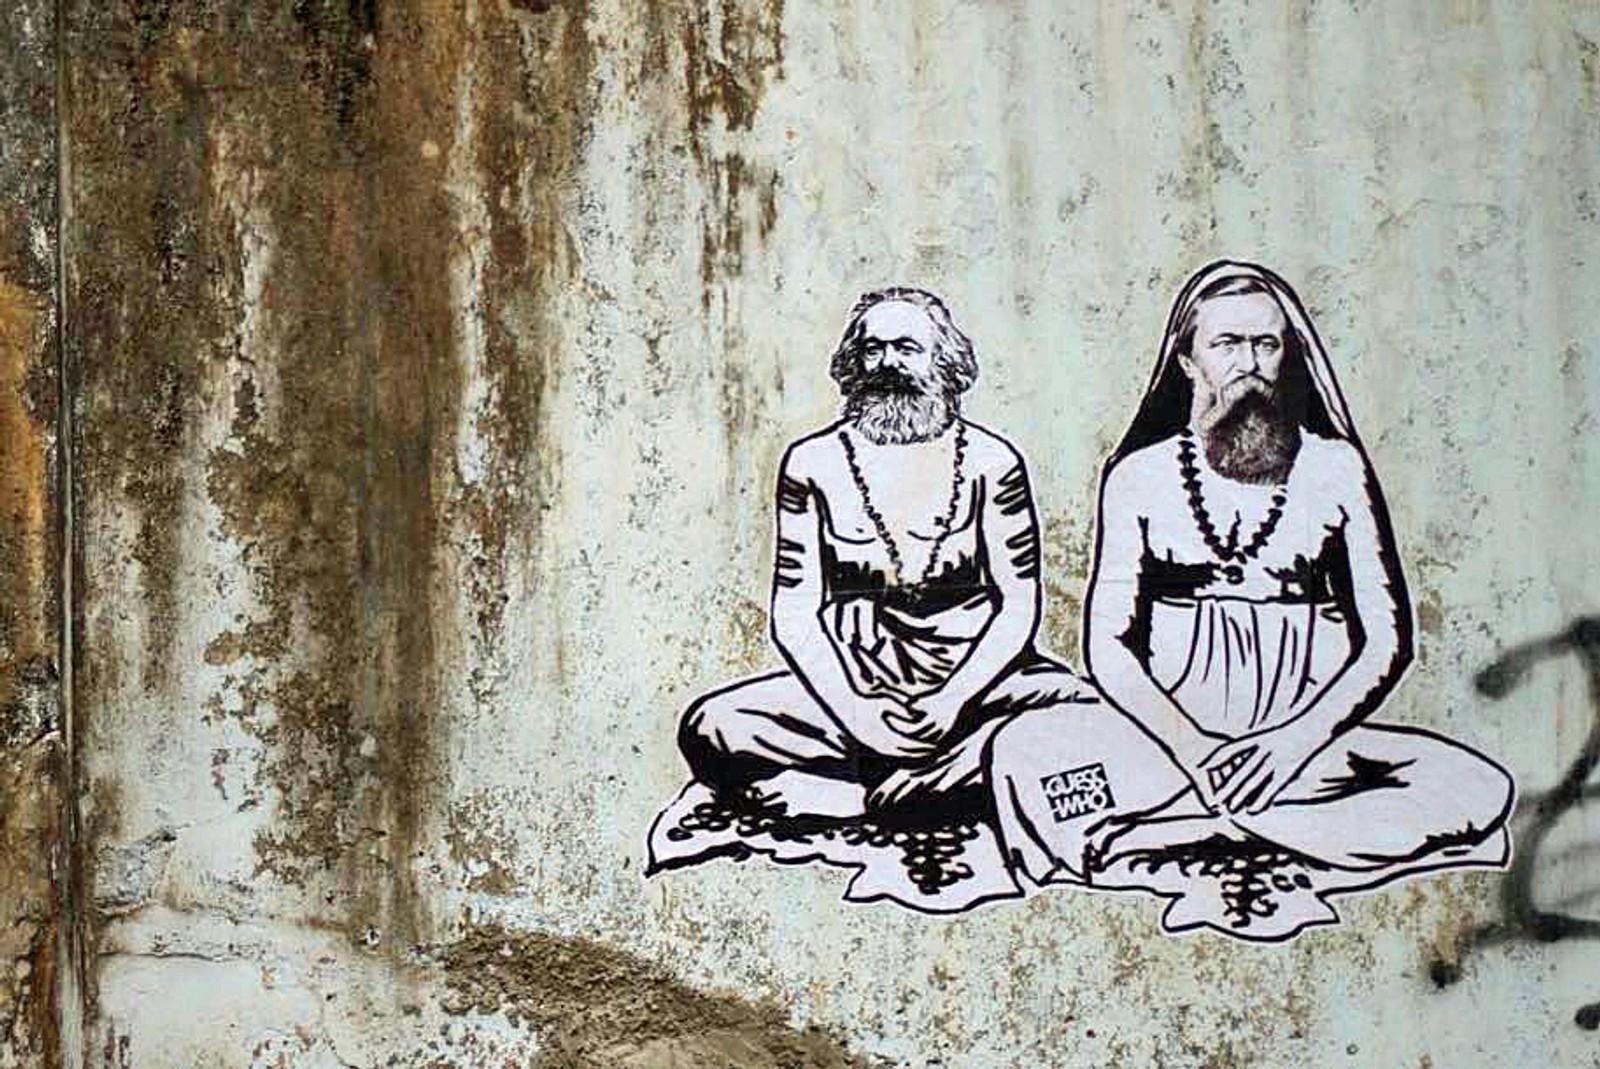 Delstaten Kerala er den første regionen i verden som fikk et kommunistisk styre gjennom et demokratisk valg (1957). Ifølge Guesswho er Marx og Engels`ansikter å se mange steder i området, og dette er artistens egen kunst med Marx og Engels.